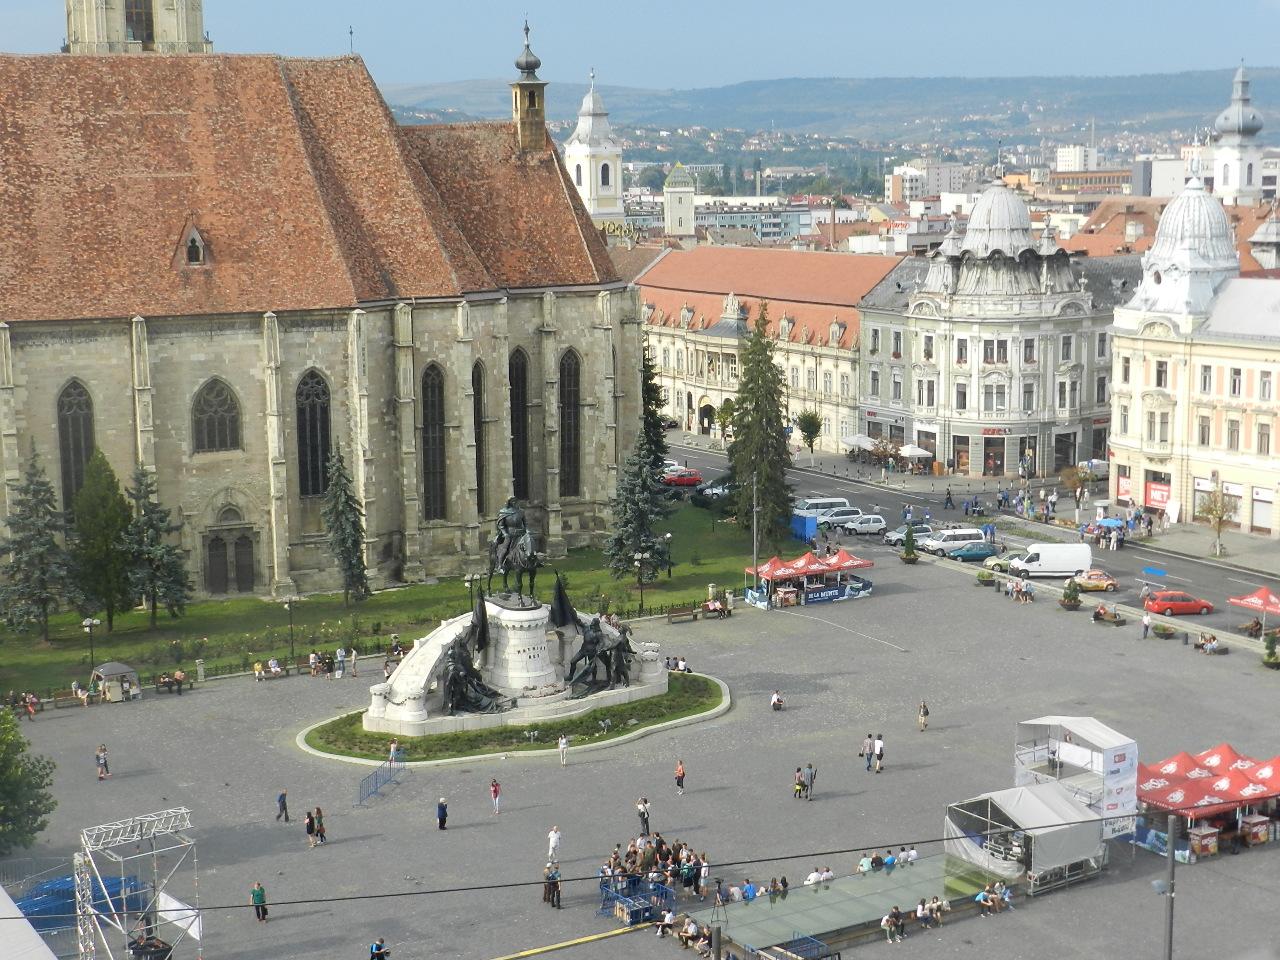 Restricții de circulație în Piața Gării și în Piața Unirii în acest weekend